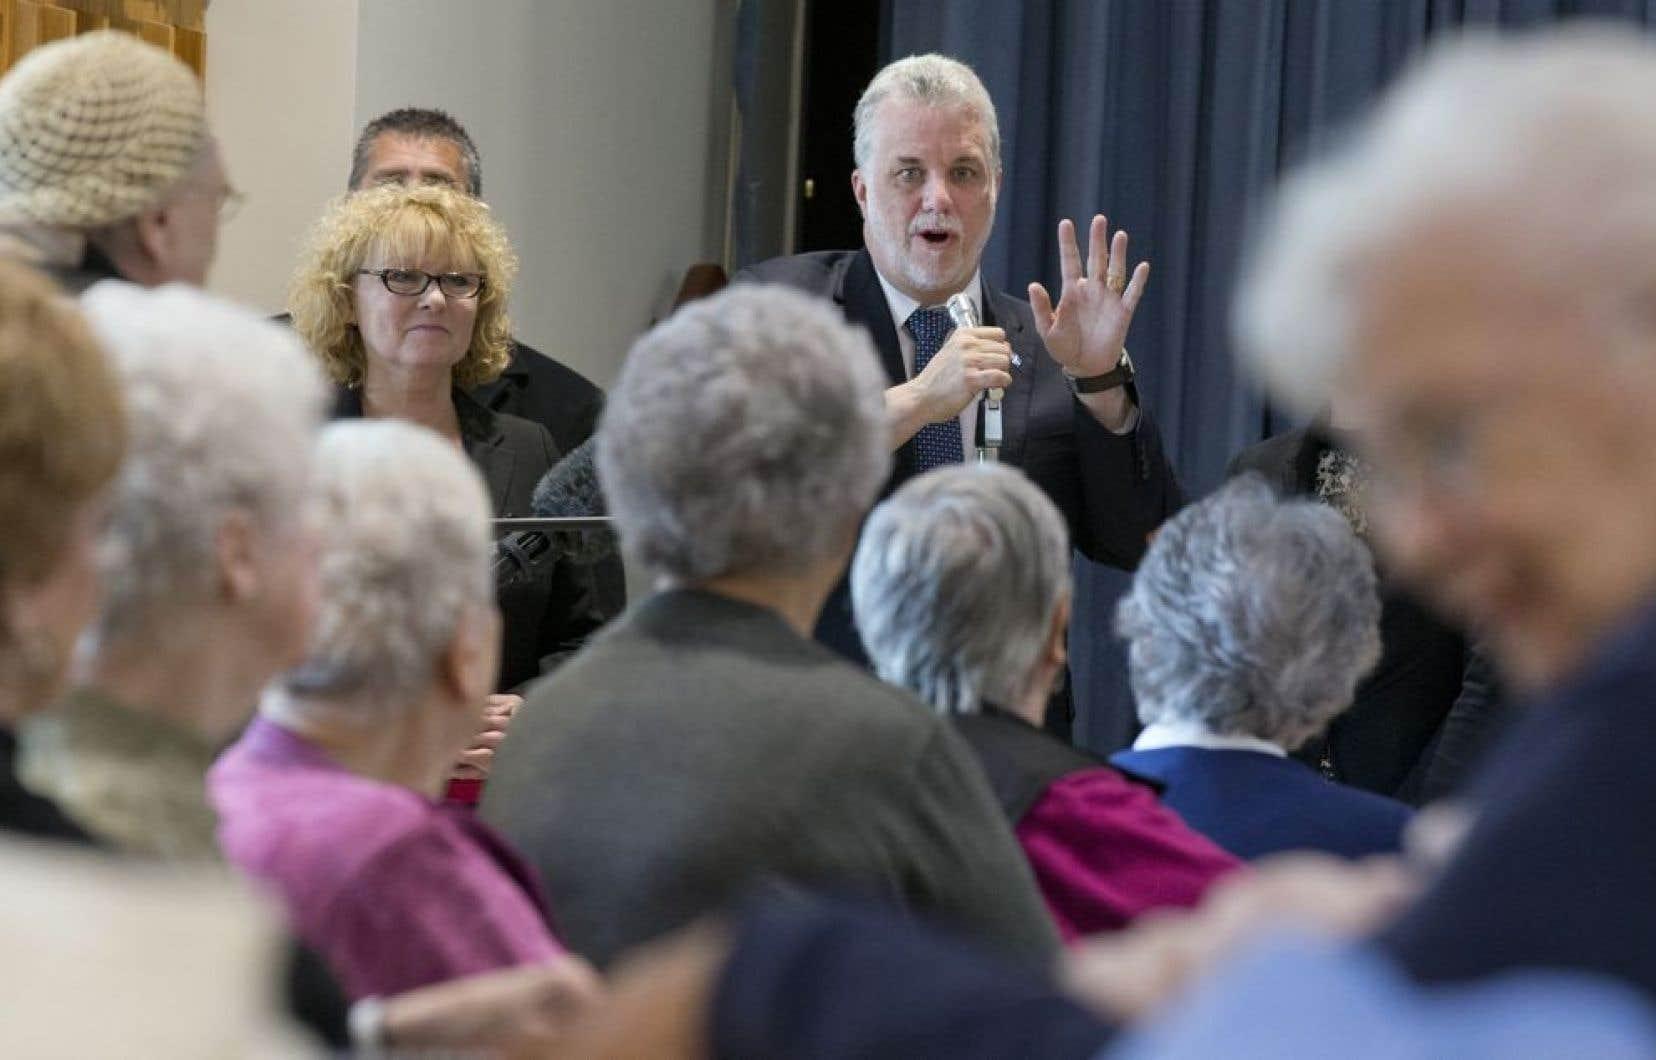 Le chef Philippe Couillard s'est engagé à investir 150 millions $ par année pendant cinq ans pour développer les soins à domicile.